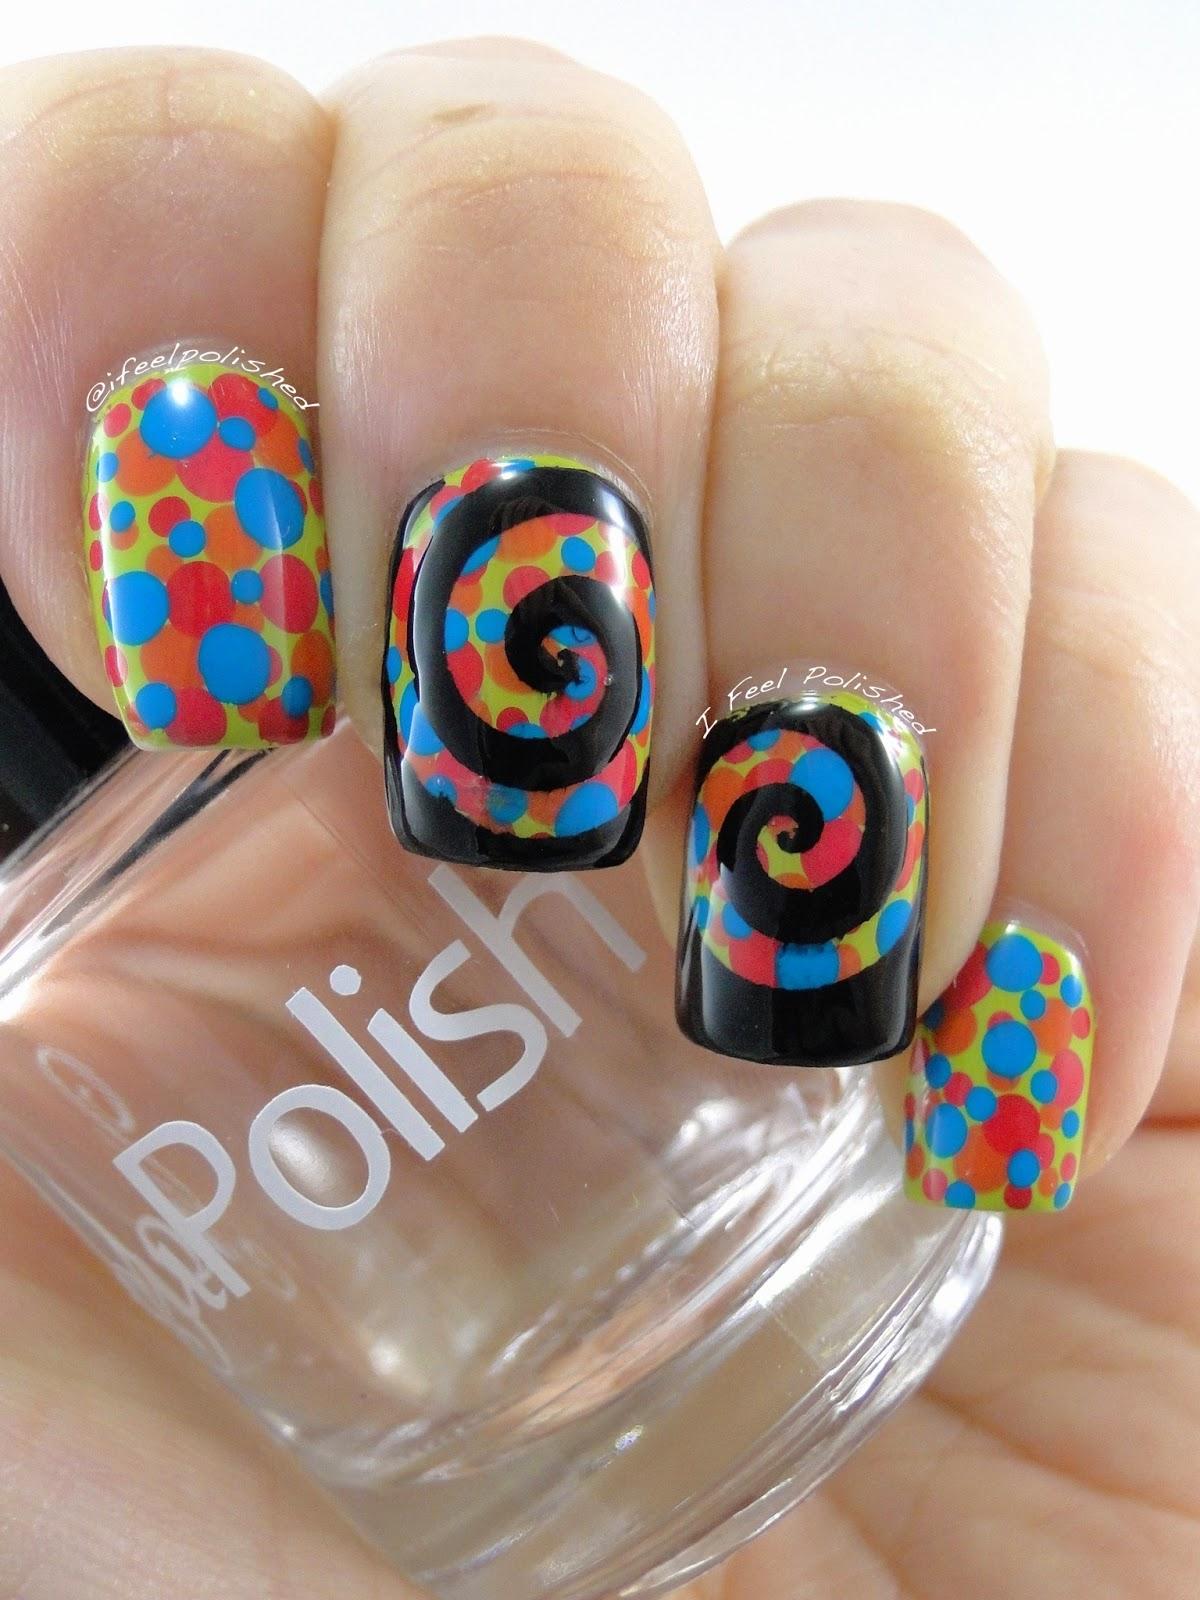 You Polish Swirl